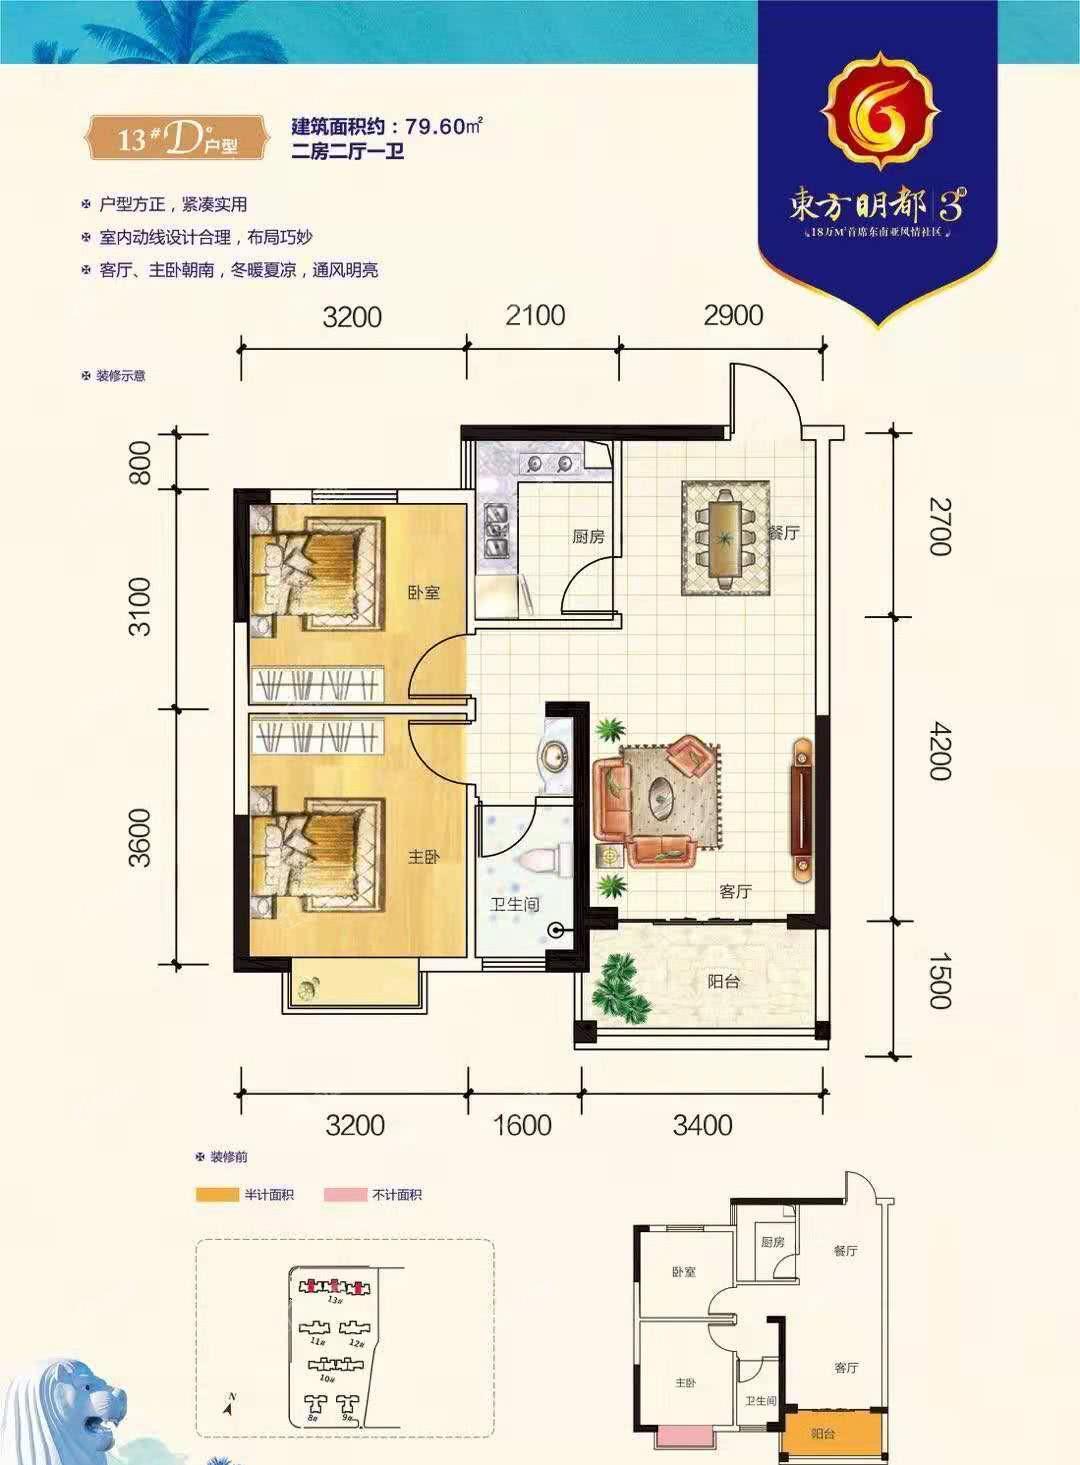 13#D户型建面约79.6㎡两房两厅